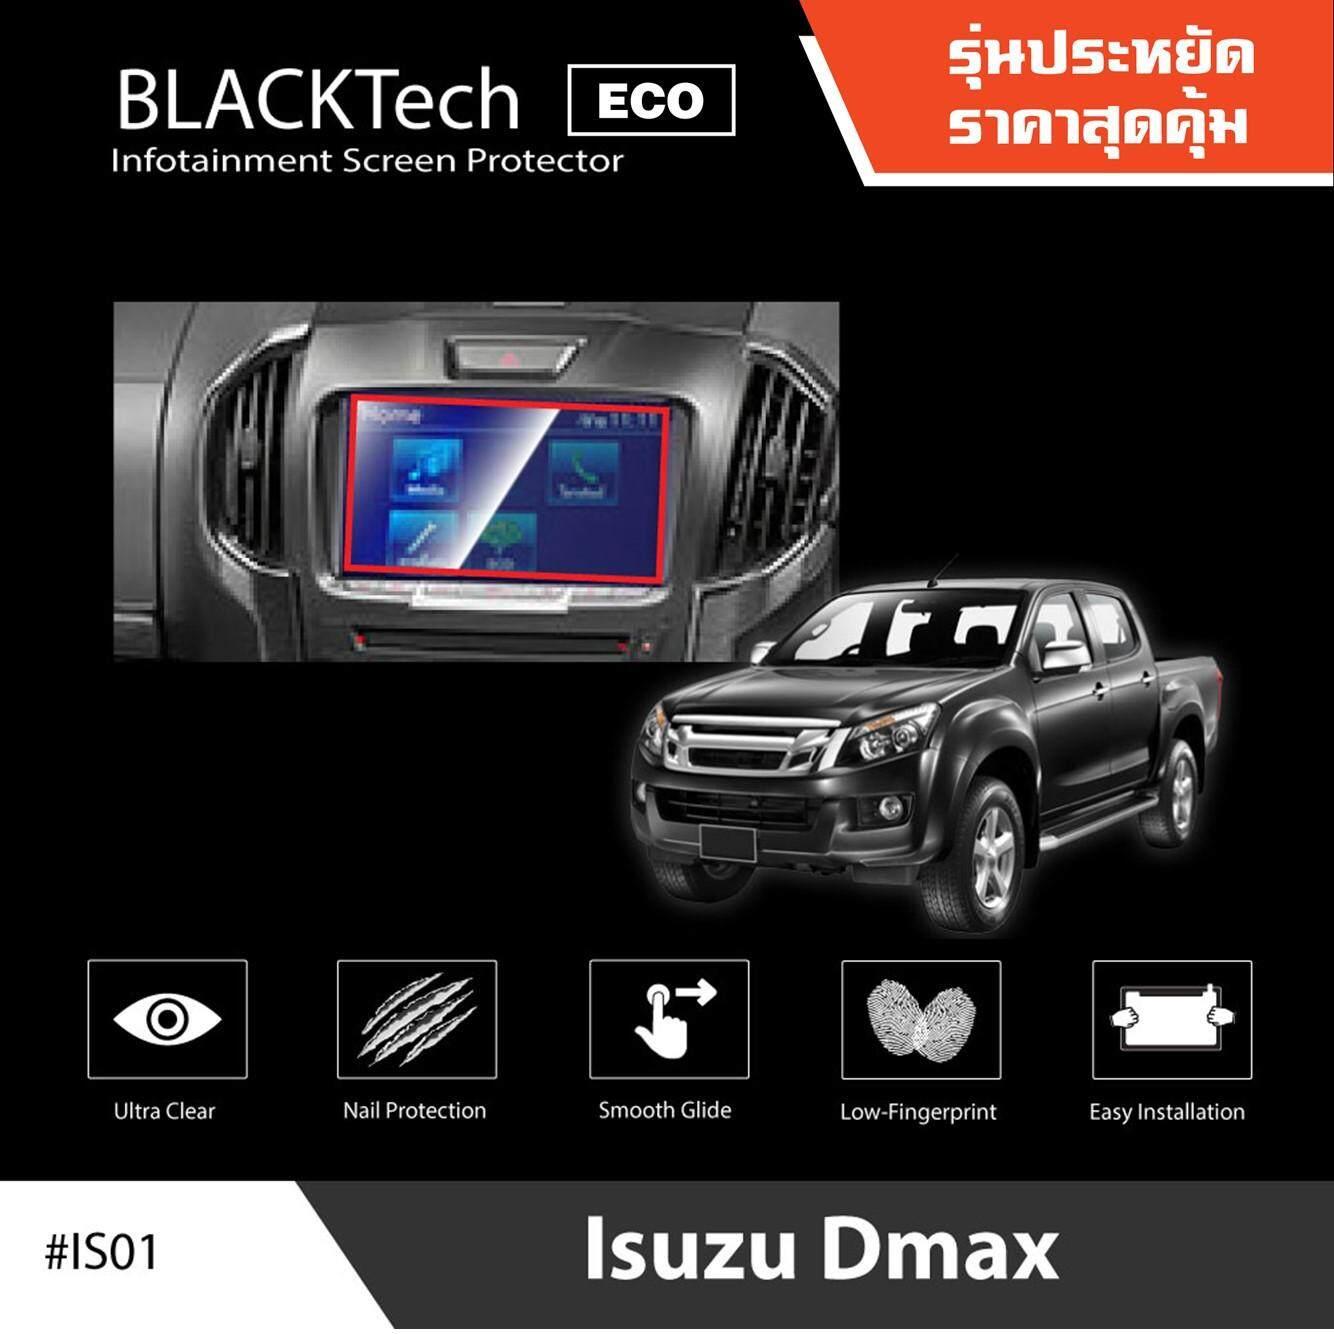 ฟิล์มกันรอยหน้าจอรถยนต์ Isuzu D-Max จอขนาด 7.6 นิ้ว - Blacktech (eco) By Arctic (สำหรับ D-Max เท่านั้น).